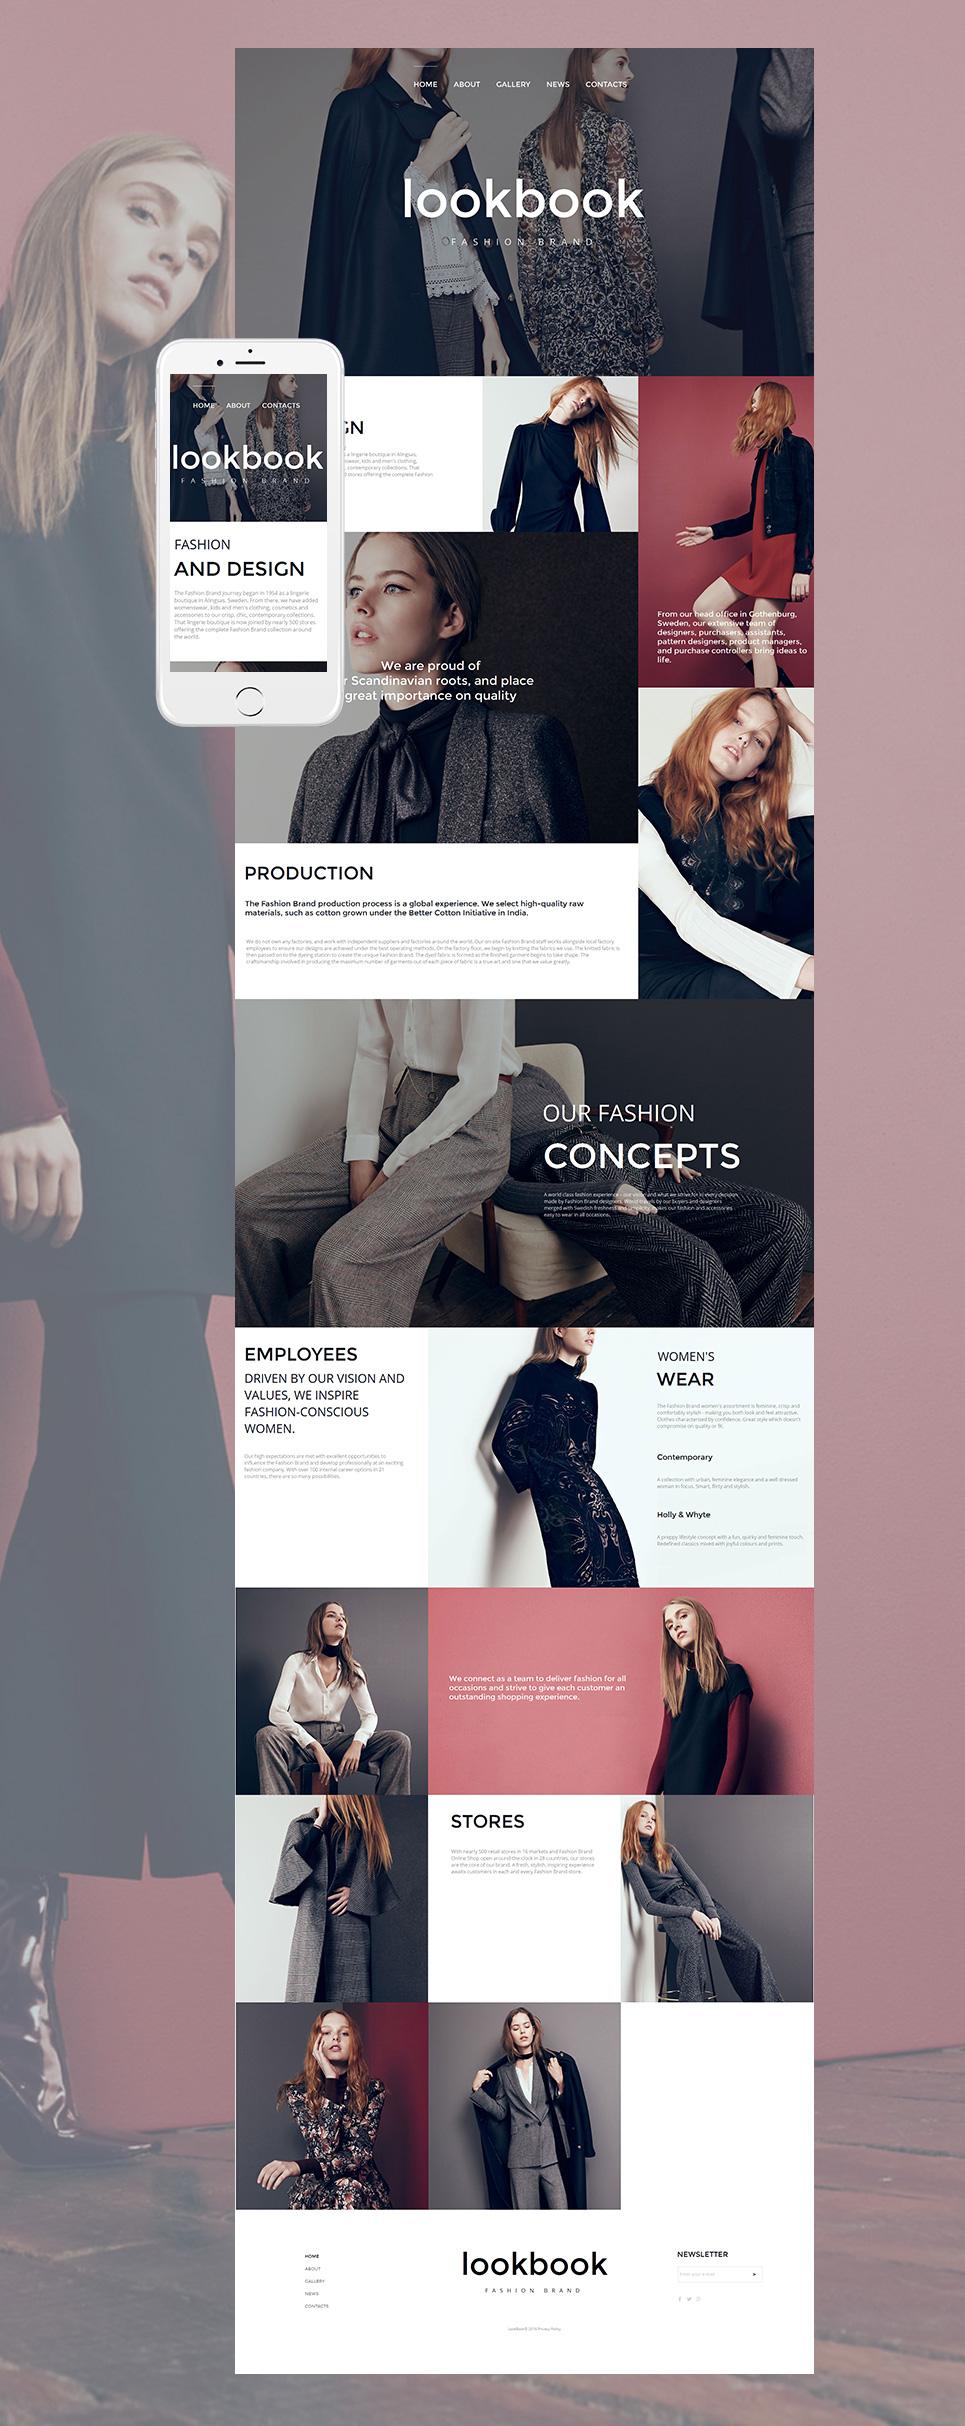 MotoCMS HTML Plantilla #58745 de categoría Moda y Belleza - image